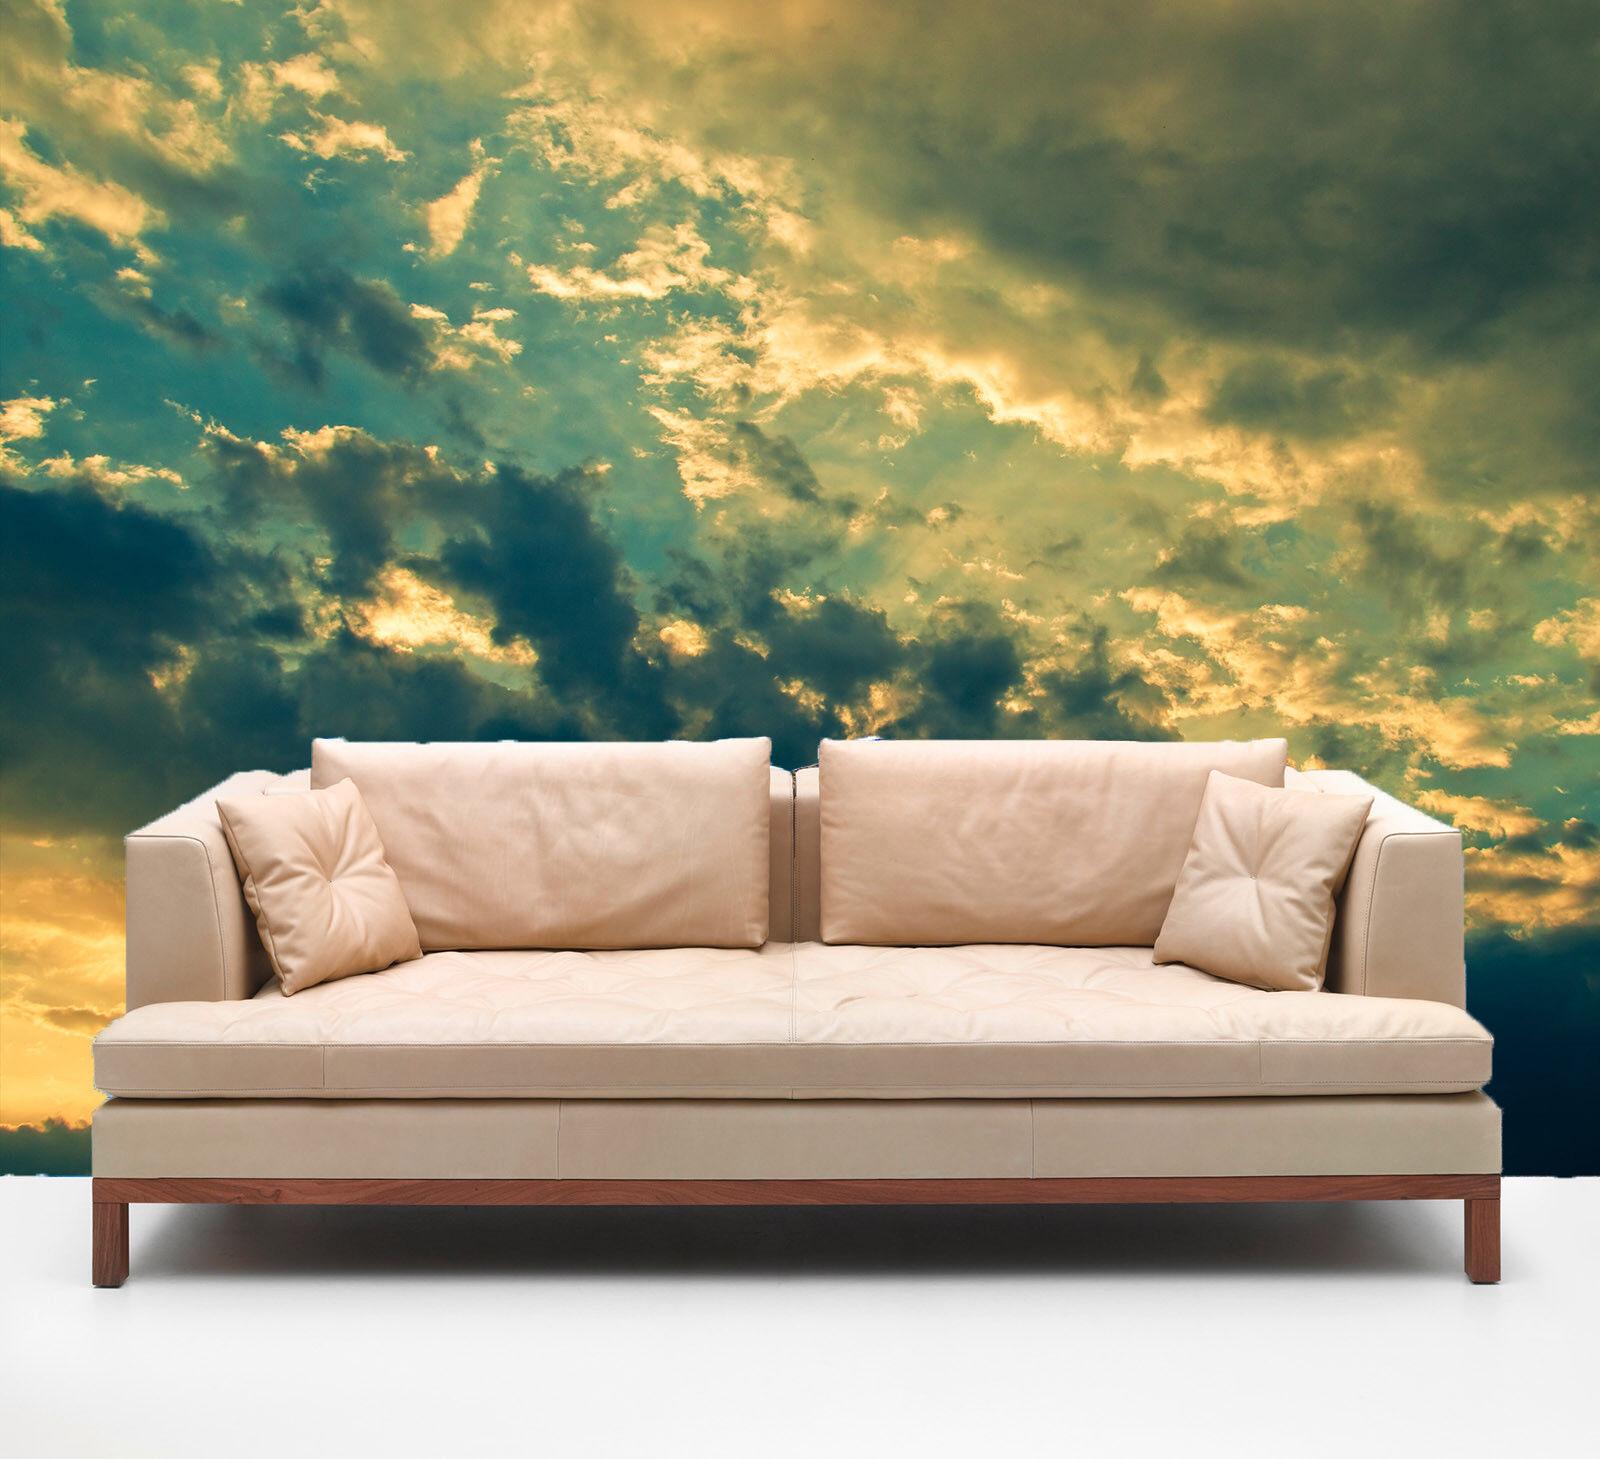 3D Dunkle Wolken 858 Tapete Wandgemälde Tapete Tapeten Bild Familie DE Summer